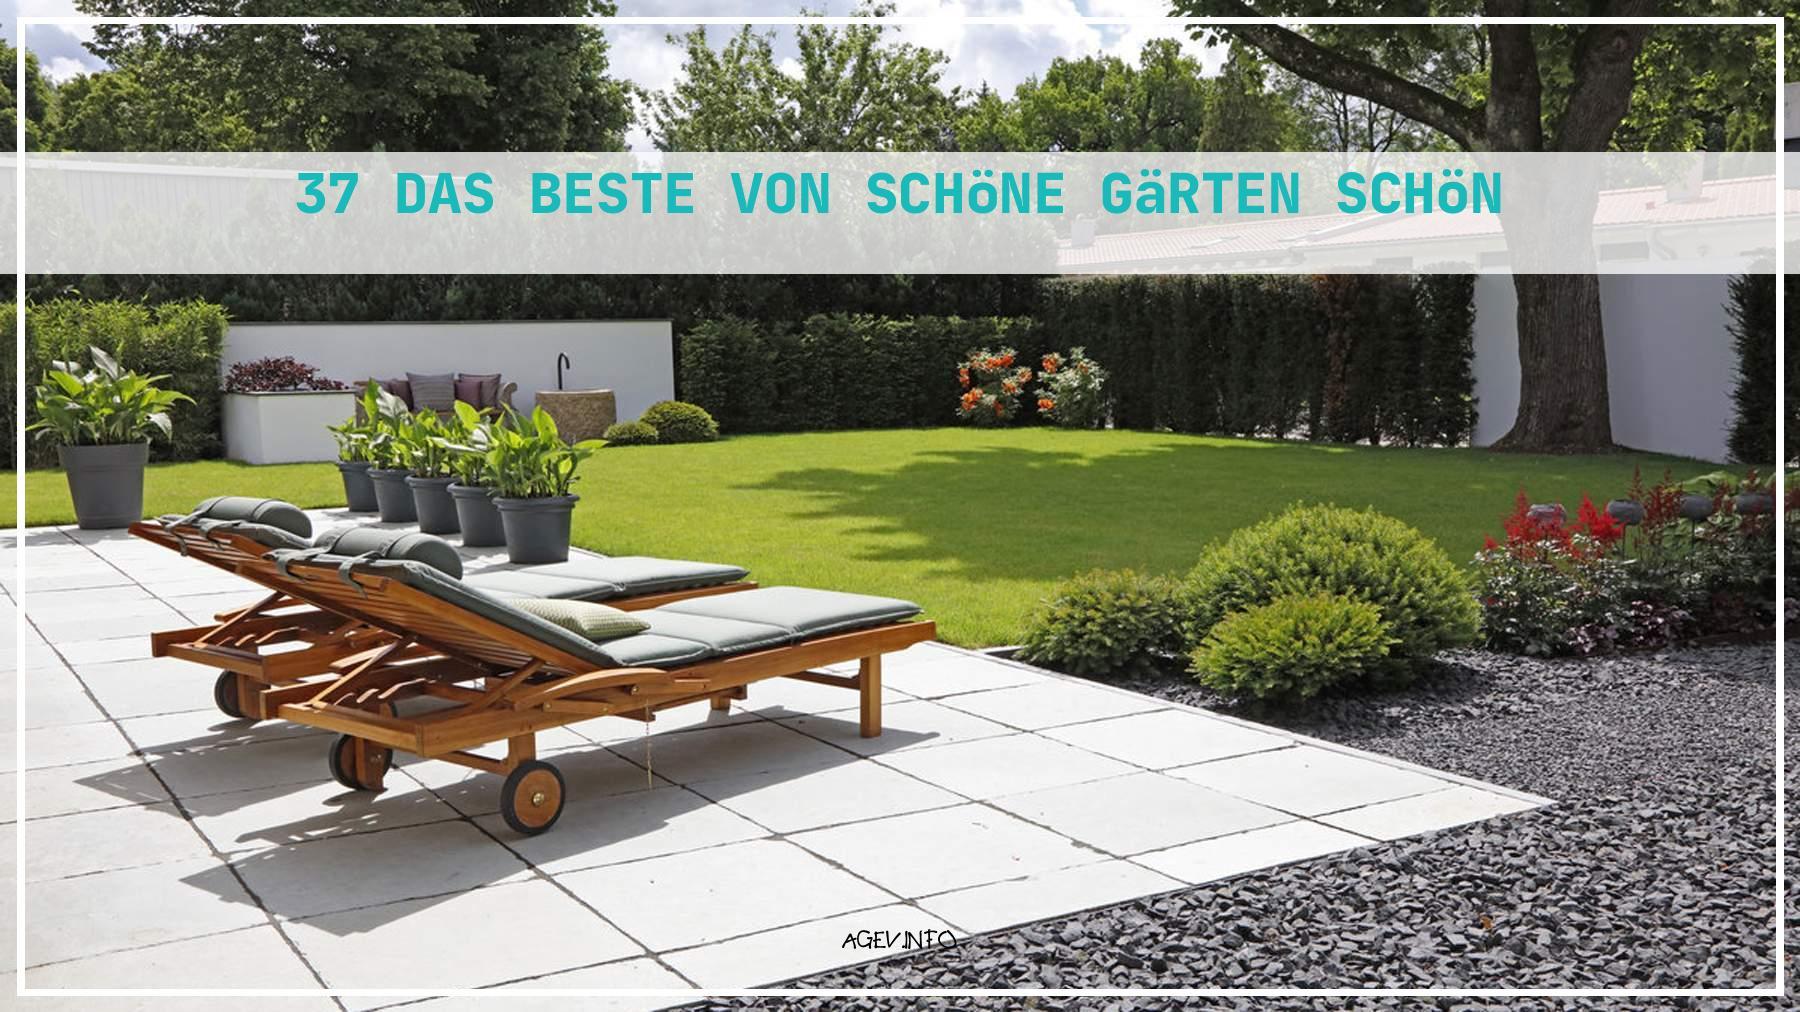 Schöne Gärten Reizend Schöne Gärten Högl Garten Gmbh